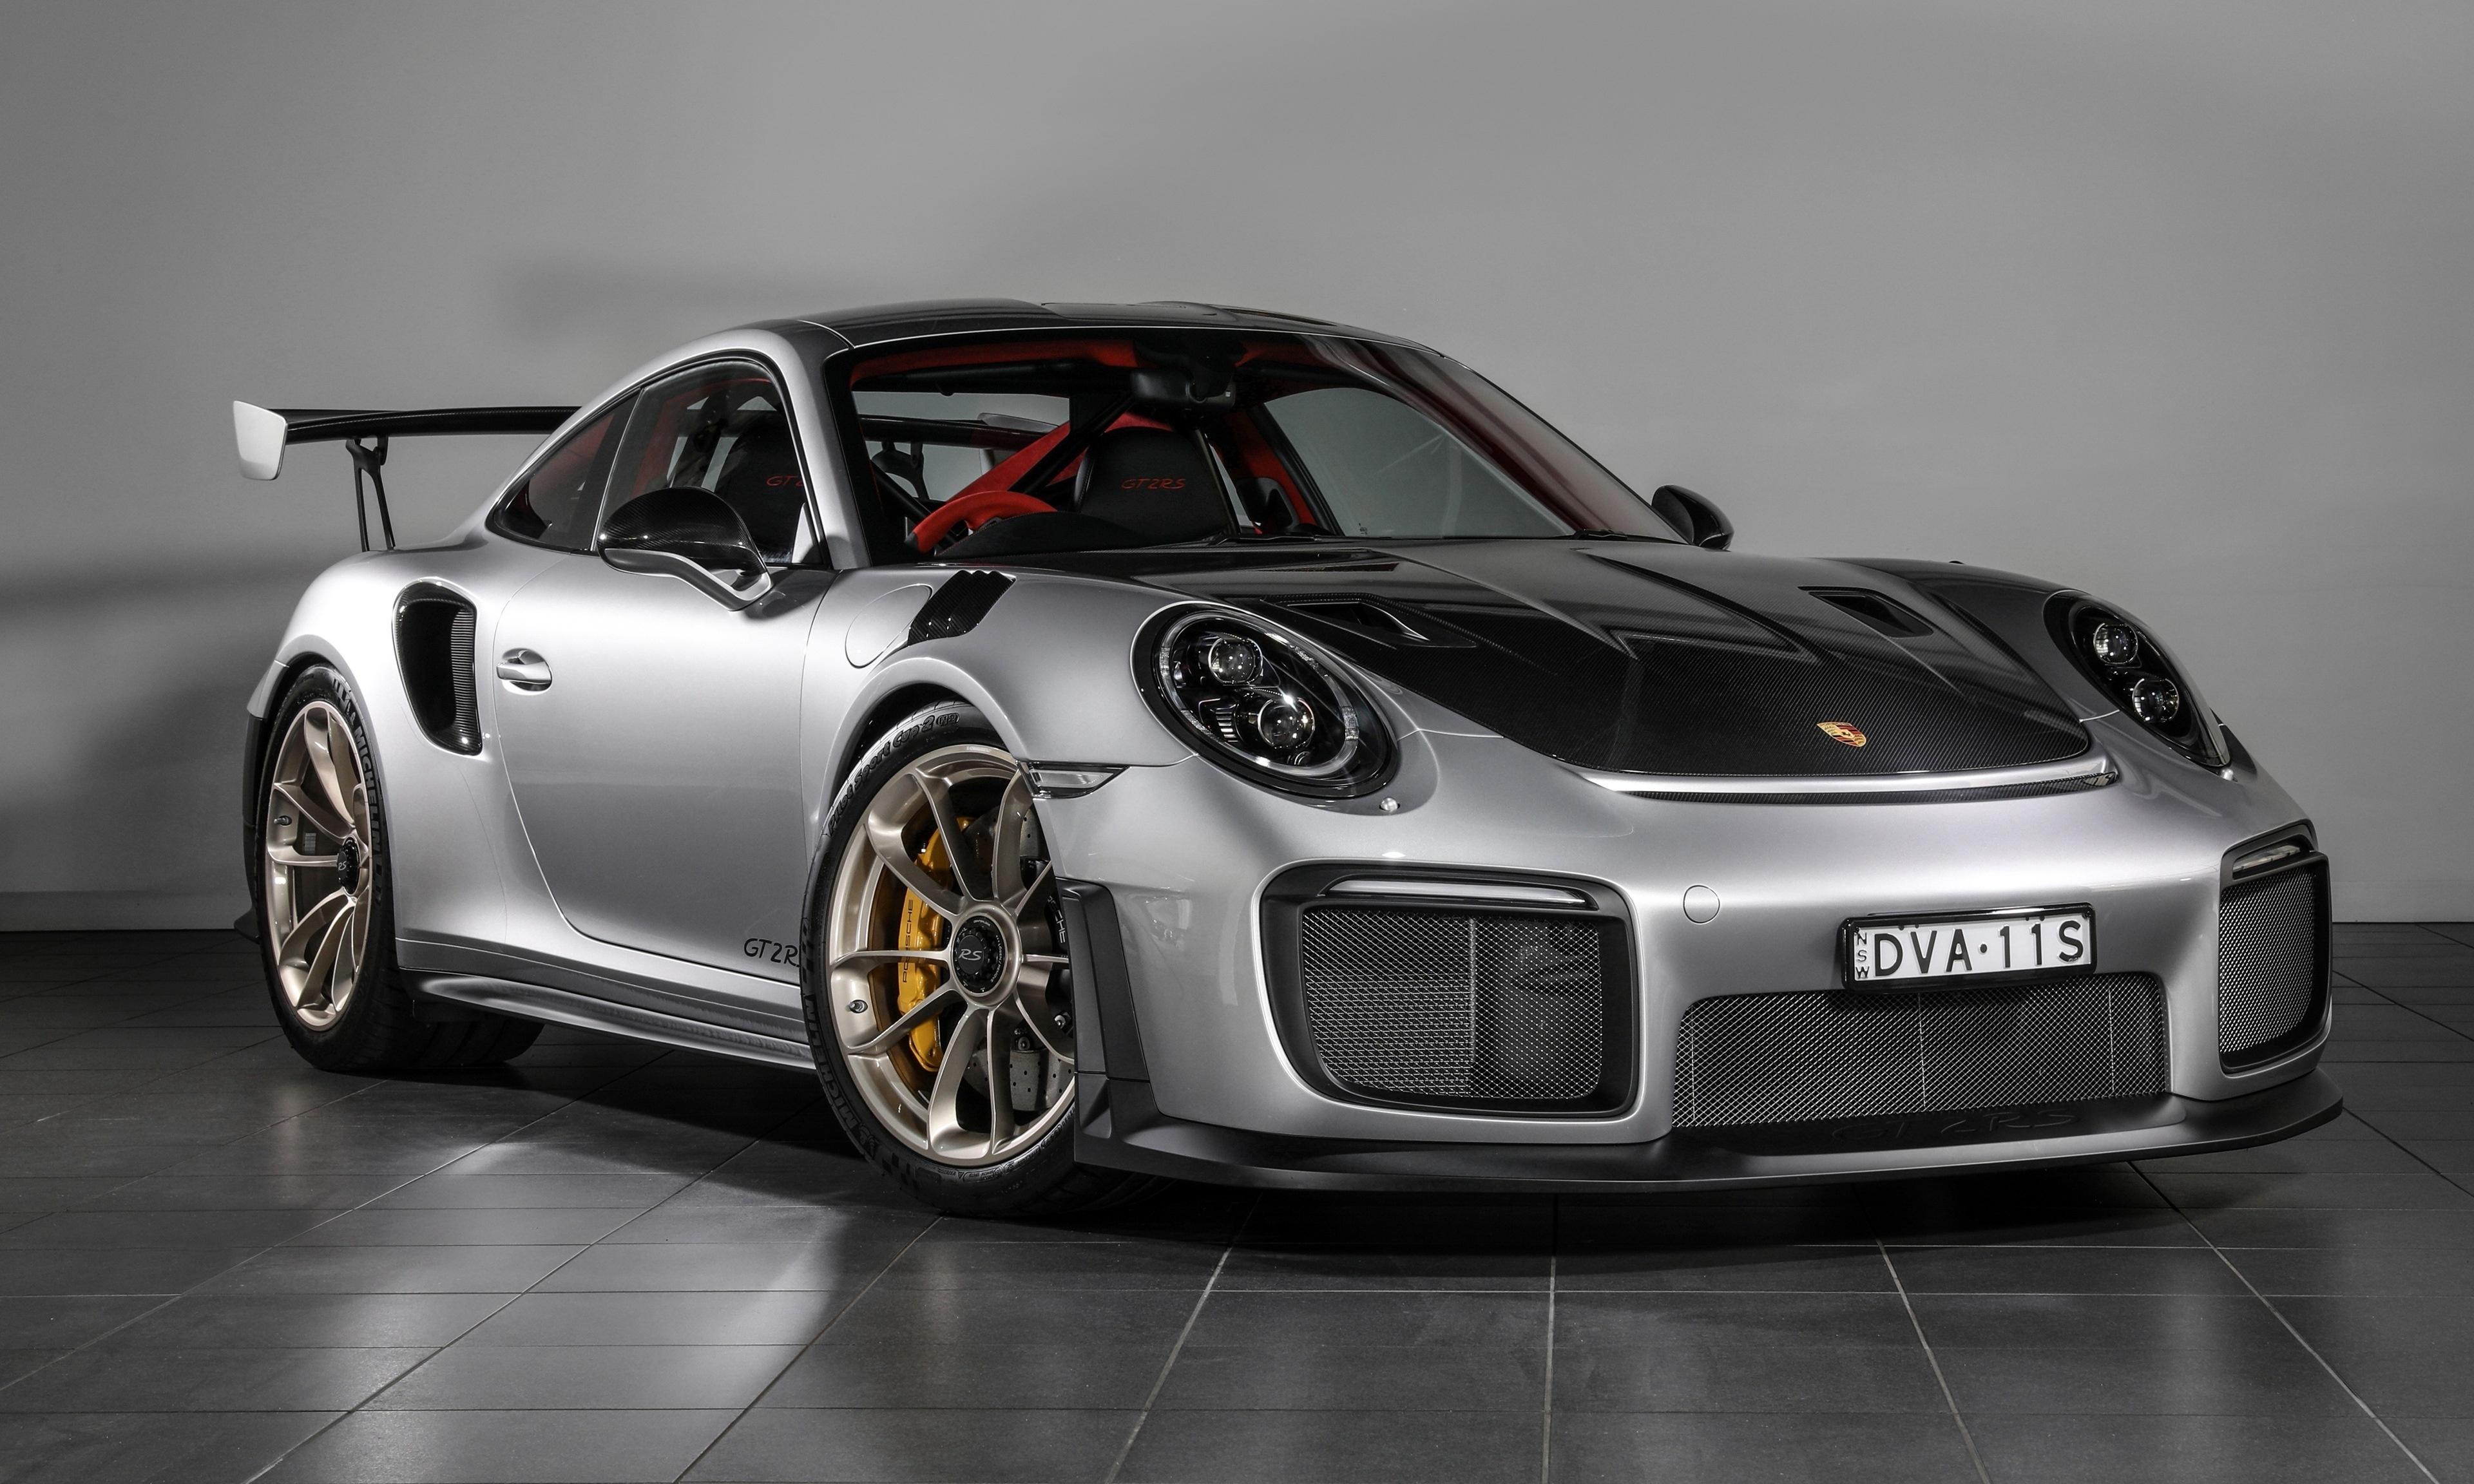 Porsche Gt3 Rs 4k 1366x768 Download Hd Wallpaper Wallpapertip